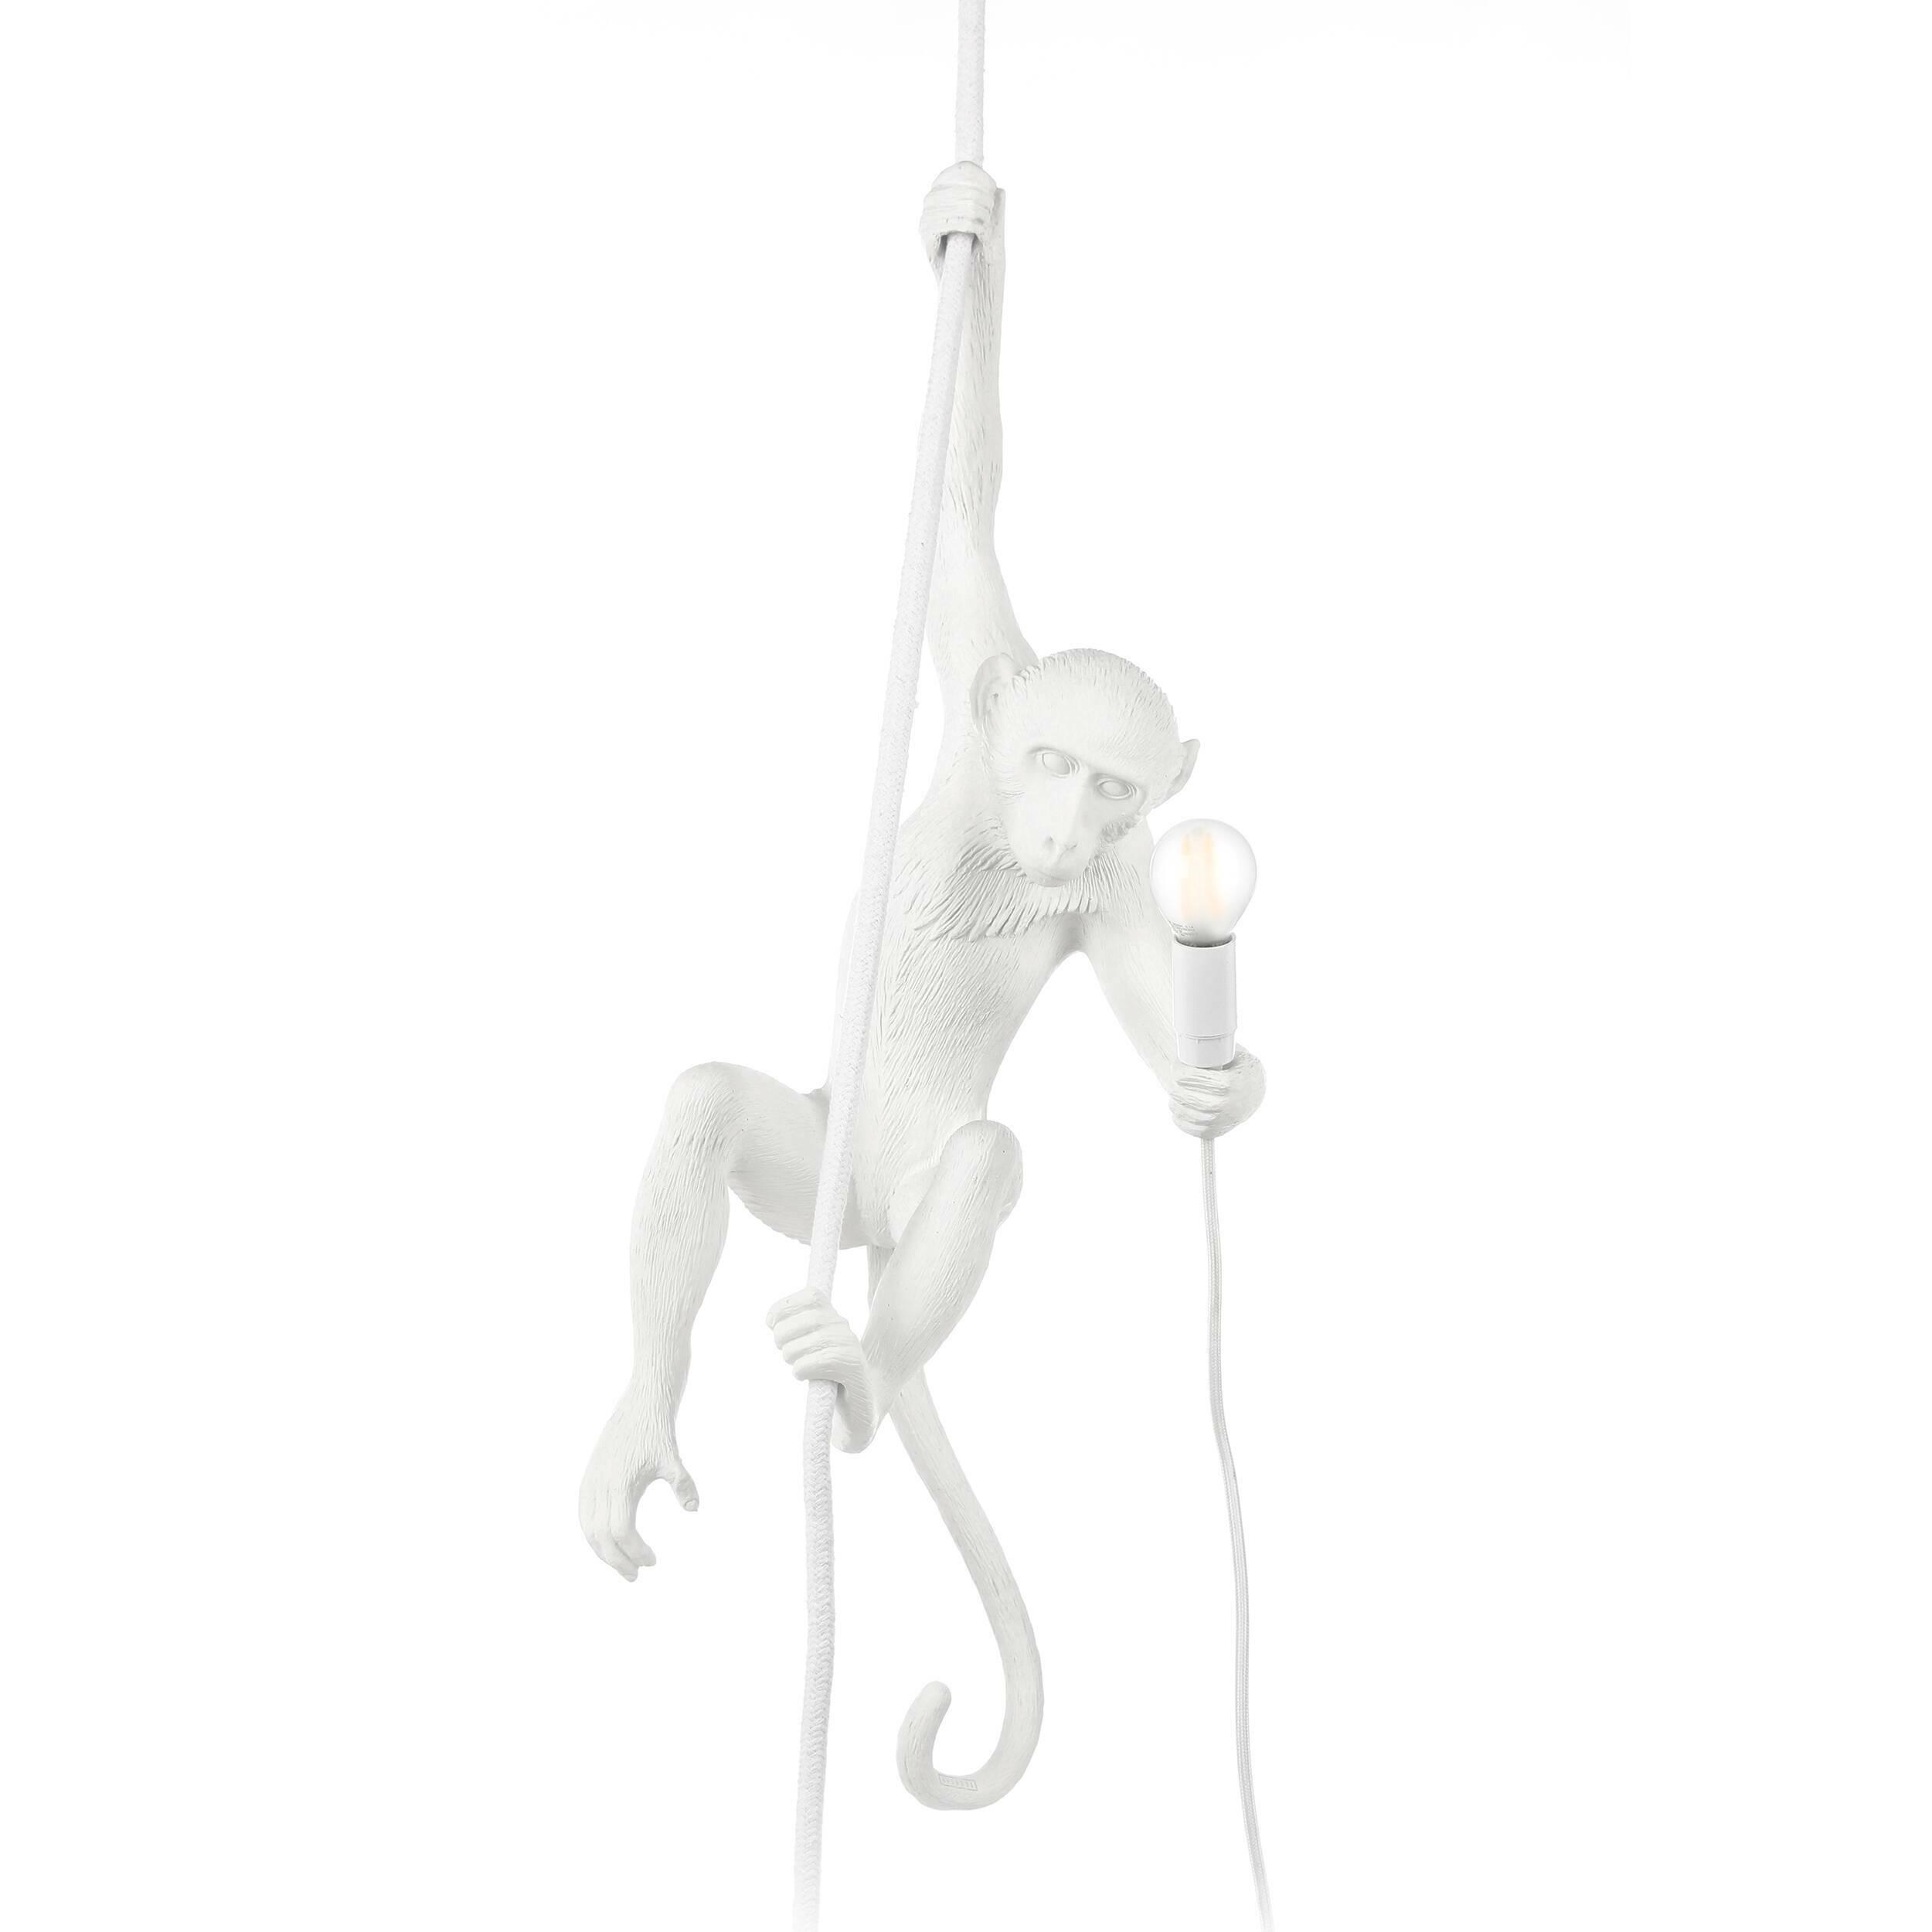 Подвесной светильник MonkeyПодвесные<br>Хорошо подобранный декор способен поднимать настроение и заряжать помещение позитивной энергией. Именно в таком духе сделан подвесной светильник Monkey. Дизайнеры придали ему «двусторонний» характер: в некоторых культурах эти очаровательные животные воспринимаются как символ озорства и беспечности, в других их считают символом смышлености и стремления к роскоши.<br><br><br> Обезьянка выглядит очень динамичной, изделие великолепно впишется в современный интерьер. Главным образом, это достигаетс...<br><br>stock: 0<br>Высота: 76,5<br>Ширина: 27<br>Длина: 30<br>Материал абажура: Смола<br>Цвет абажура: Белый<br>Цвет провода: Белый